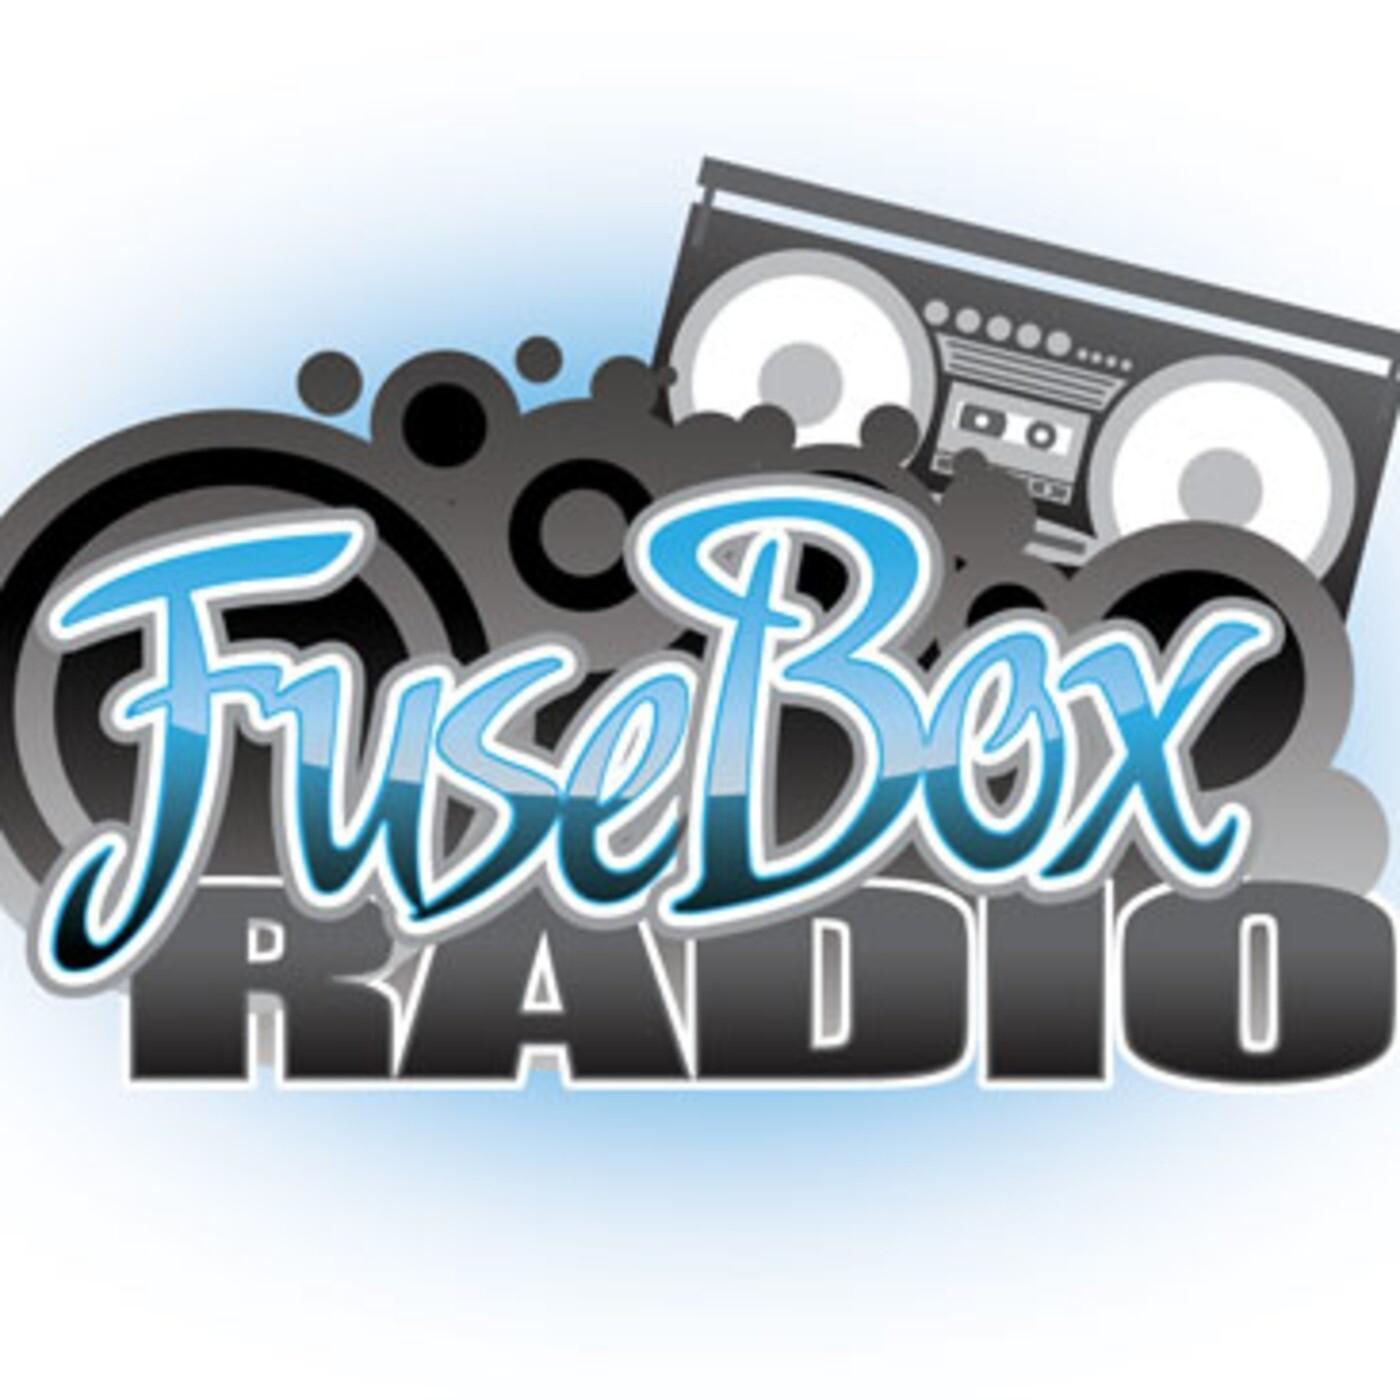 FuseBox Radio #616: DJ Fusion's The Futon Dun Livestream DJ Mix Fall Session #7 (F.A.J.R. = Funk, Acid Jazz & Rap...